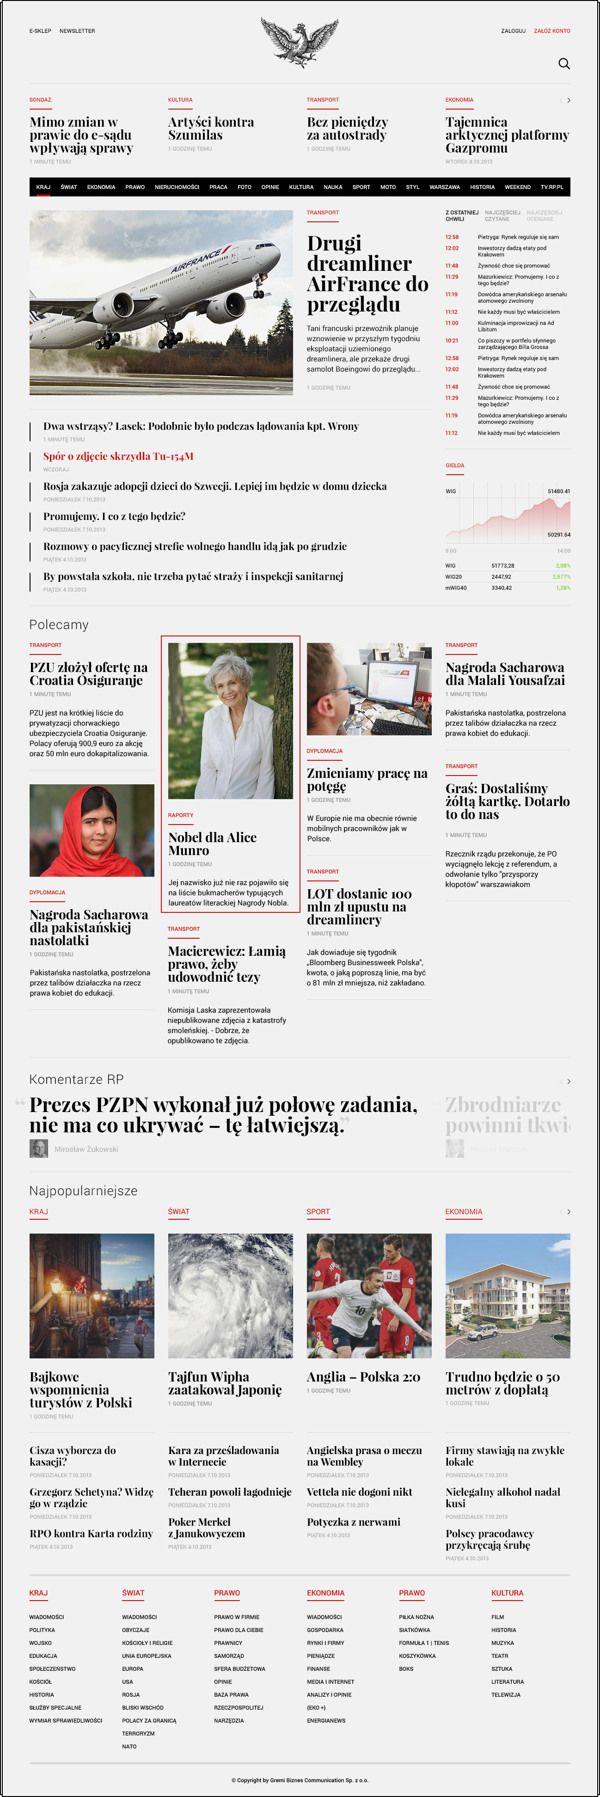 Отличный пример новостного сайта и хороших шрифтов Rp.pl — Redesign Concept / Maciej Mach